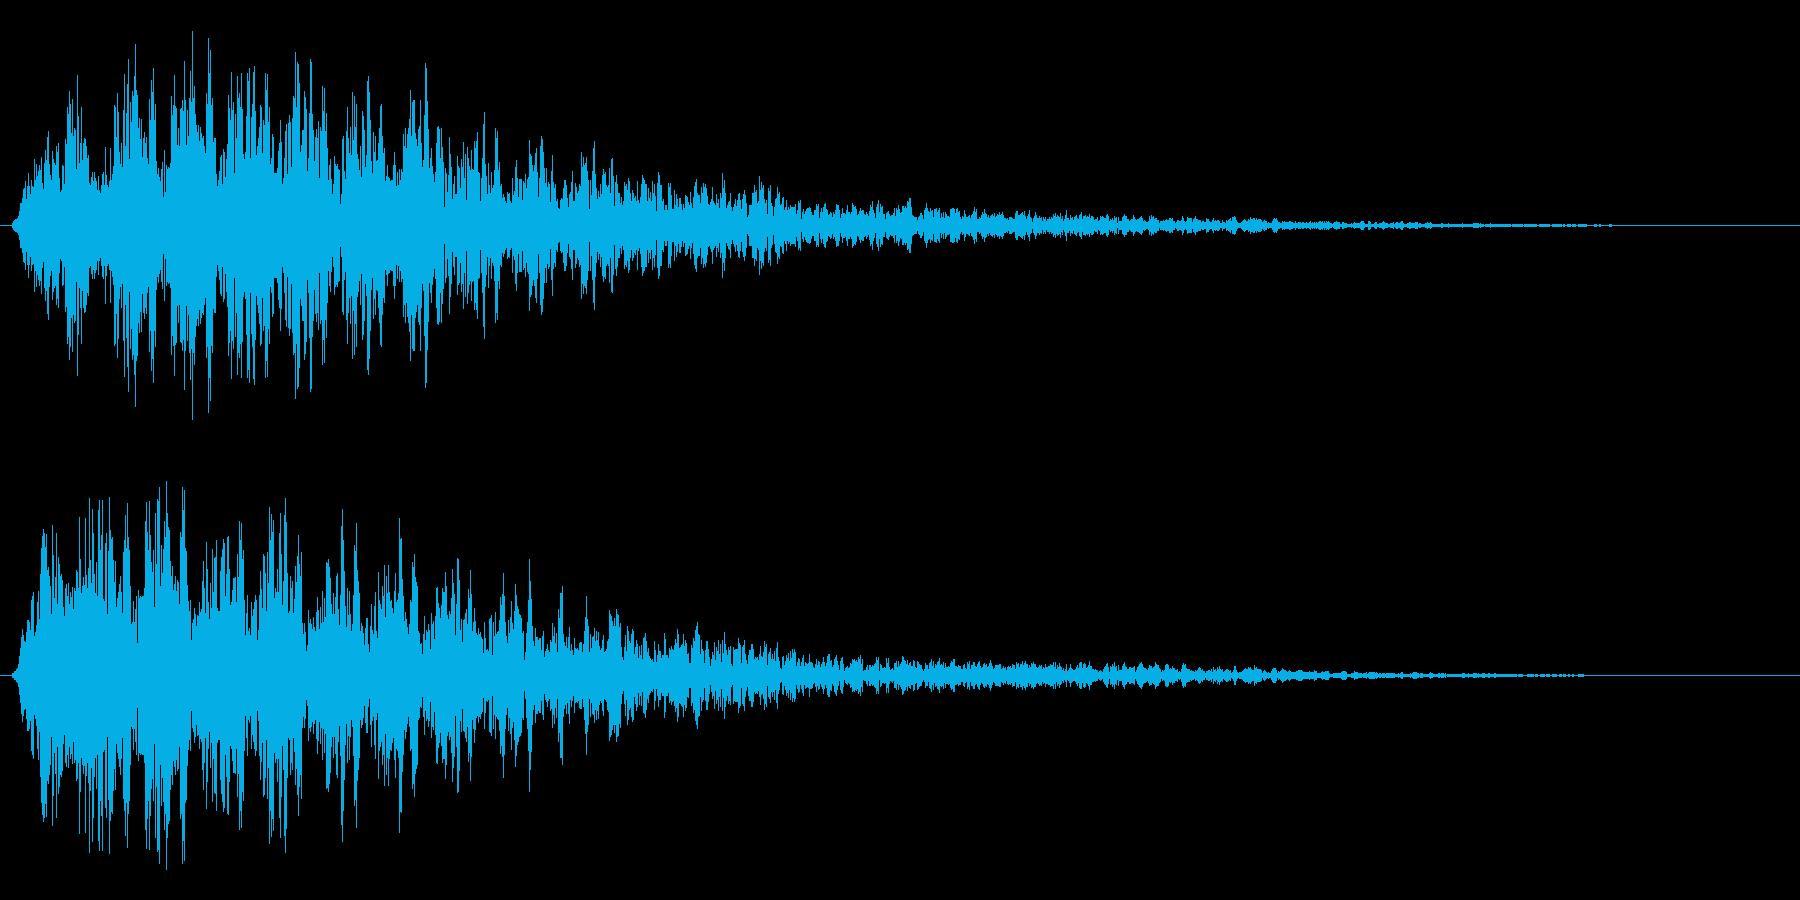 レーザービーム発射(突き抜ける高音)の再生済みの波形